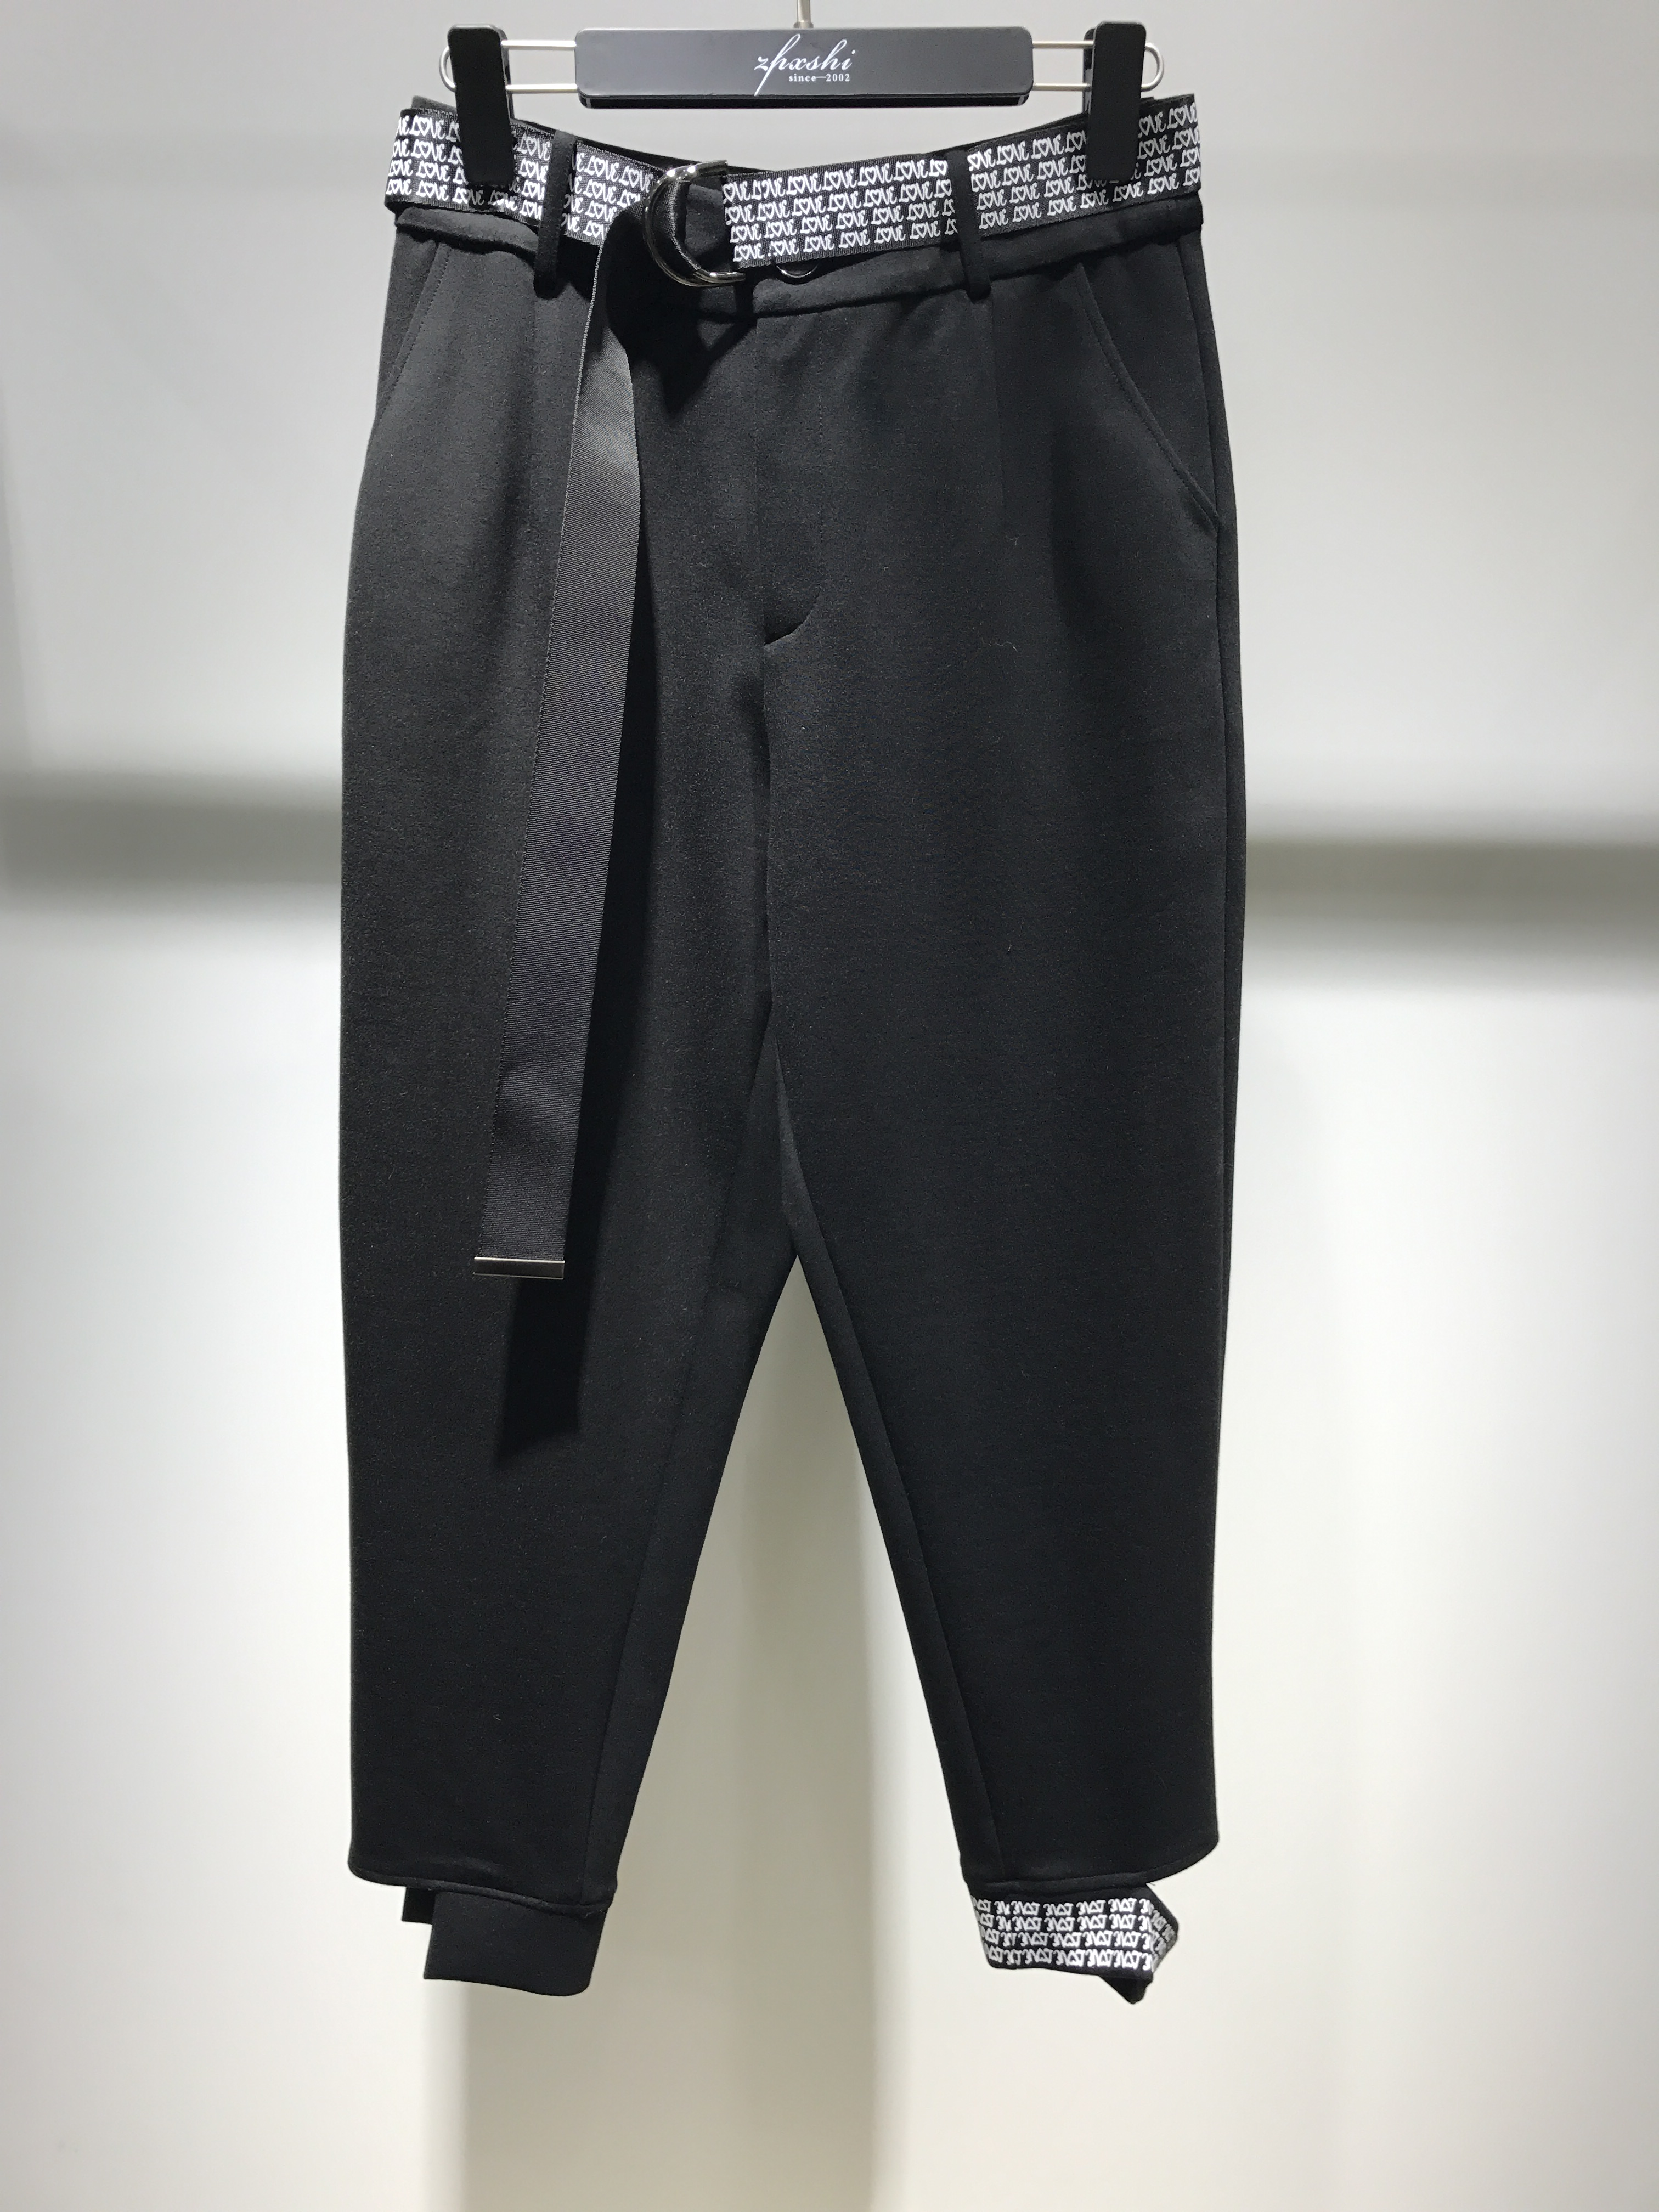 品牌精品女装,潮流款裤子